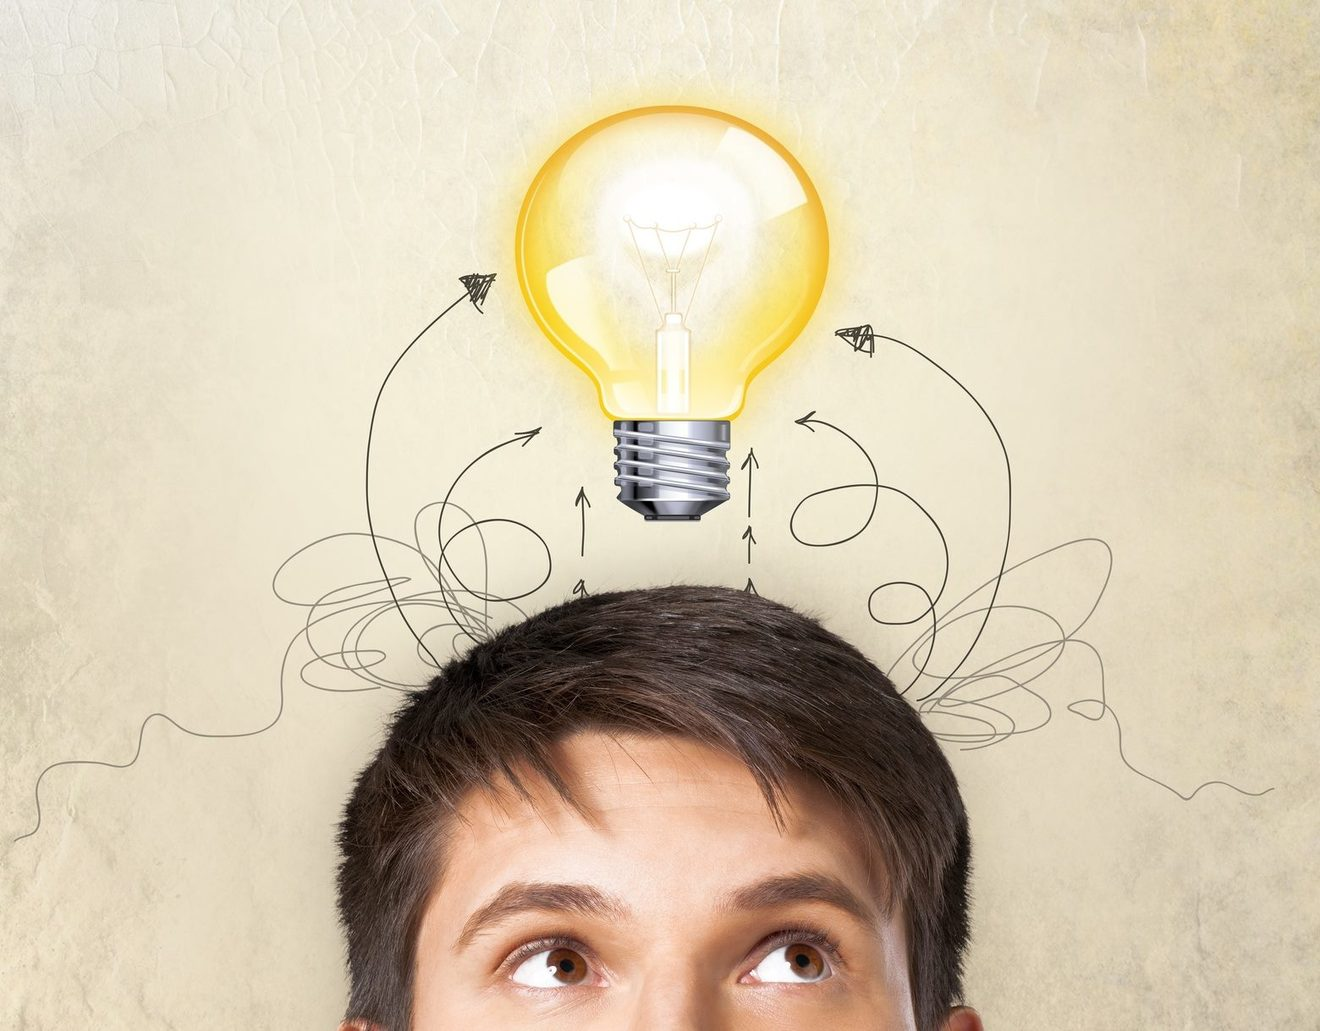 「先輩、イノベーションって何ですか?」と訊かれても困らないための5冊